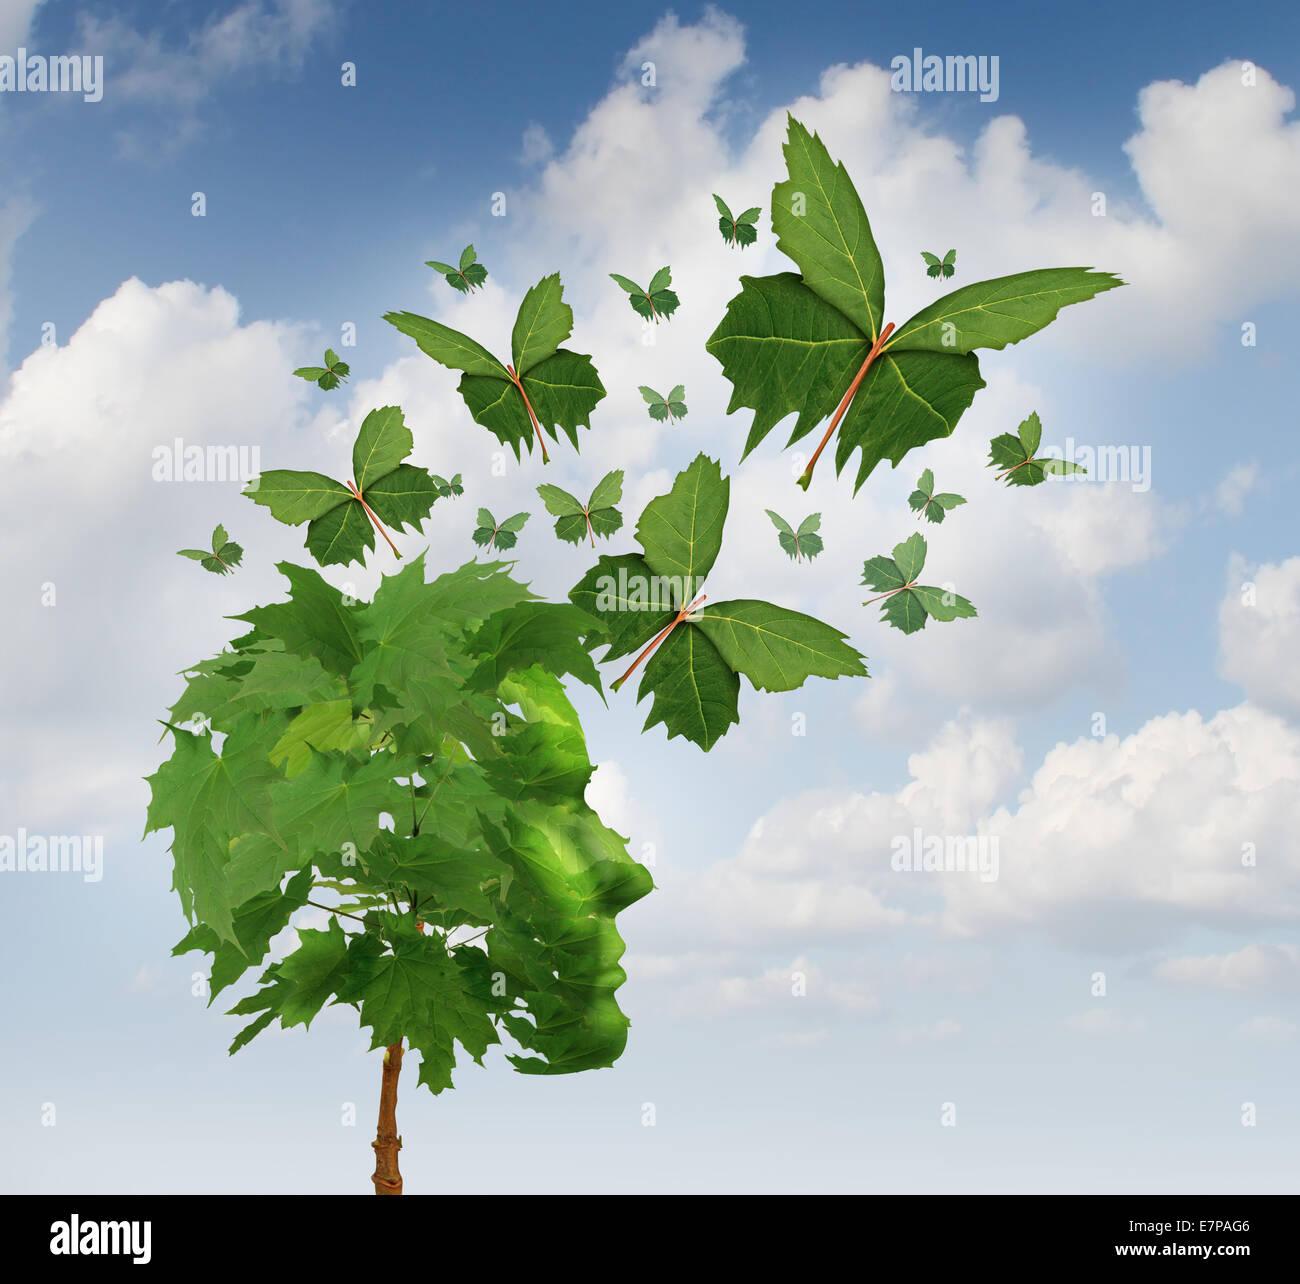 La comunicación creativa y el concepto de marketing inteligente como un árbol con forma de cabeza humana Imagen De Stock